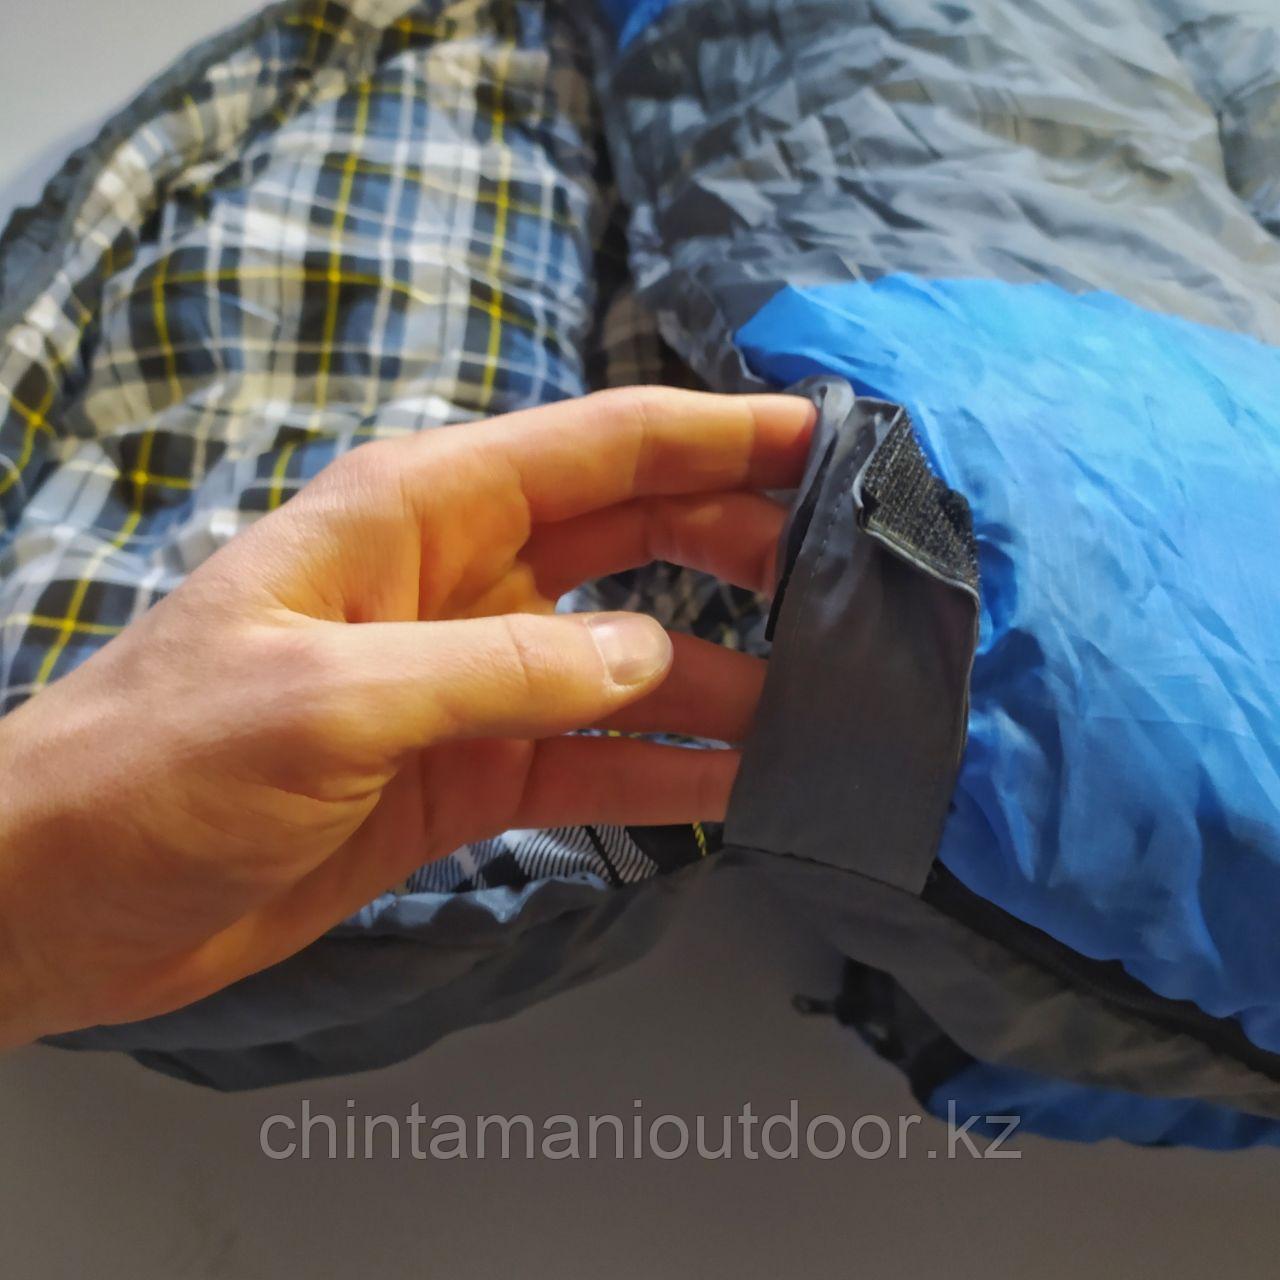 Спальный мешок зимний, шириной 1 м, качественный, новинка -25, -10, 0 - фото 2